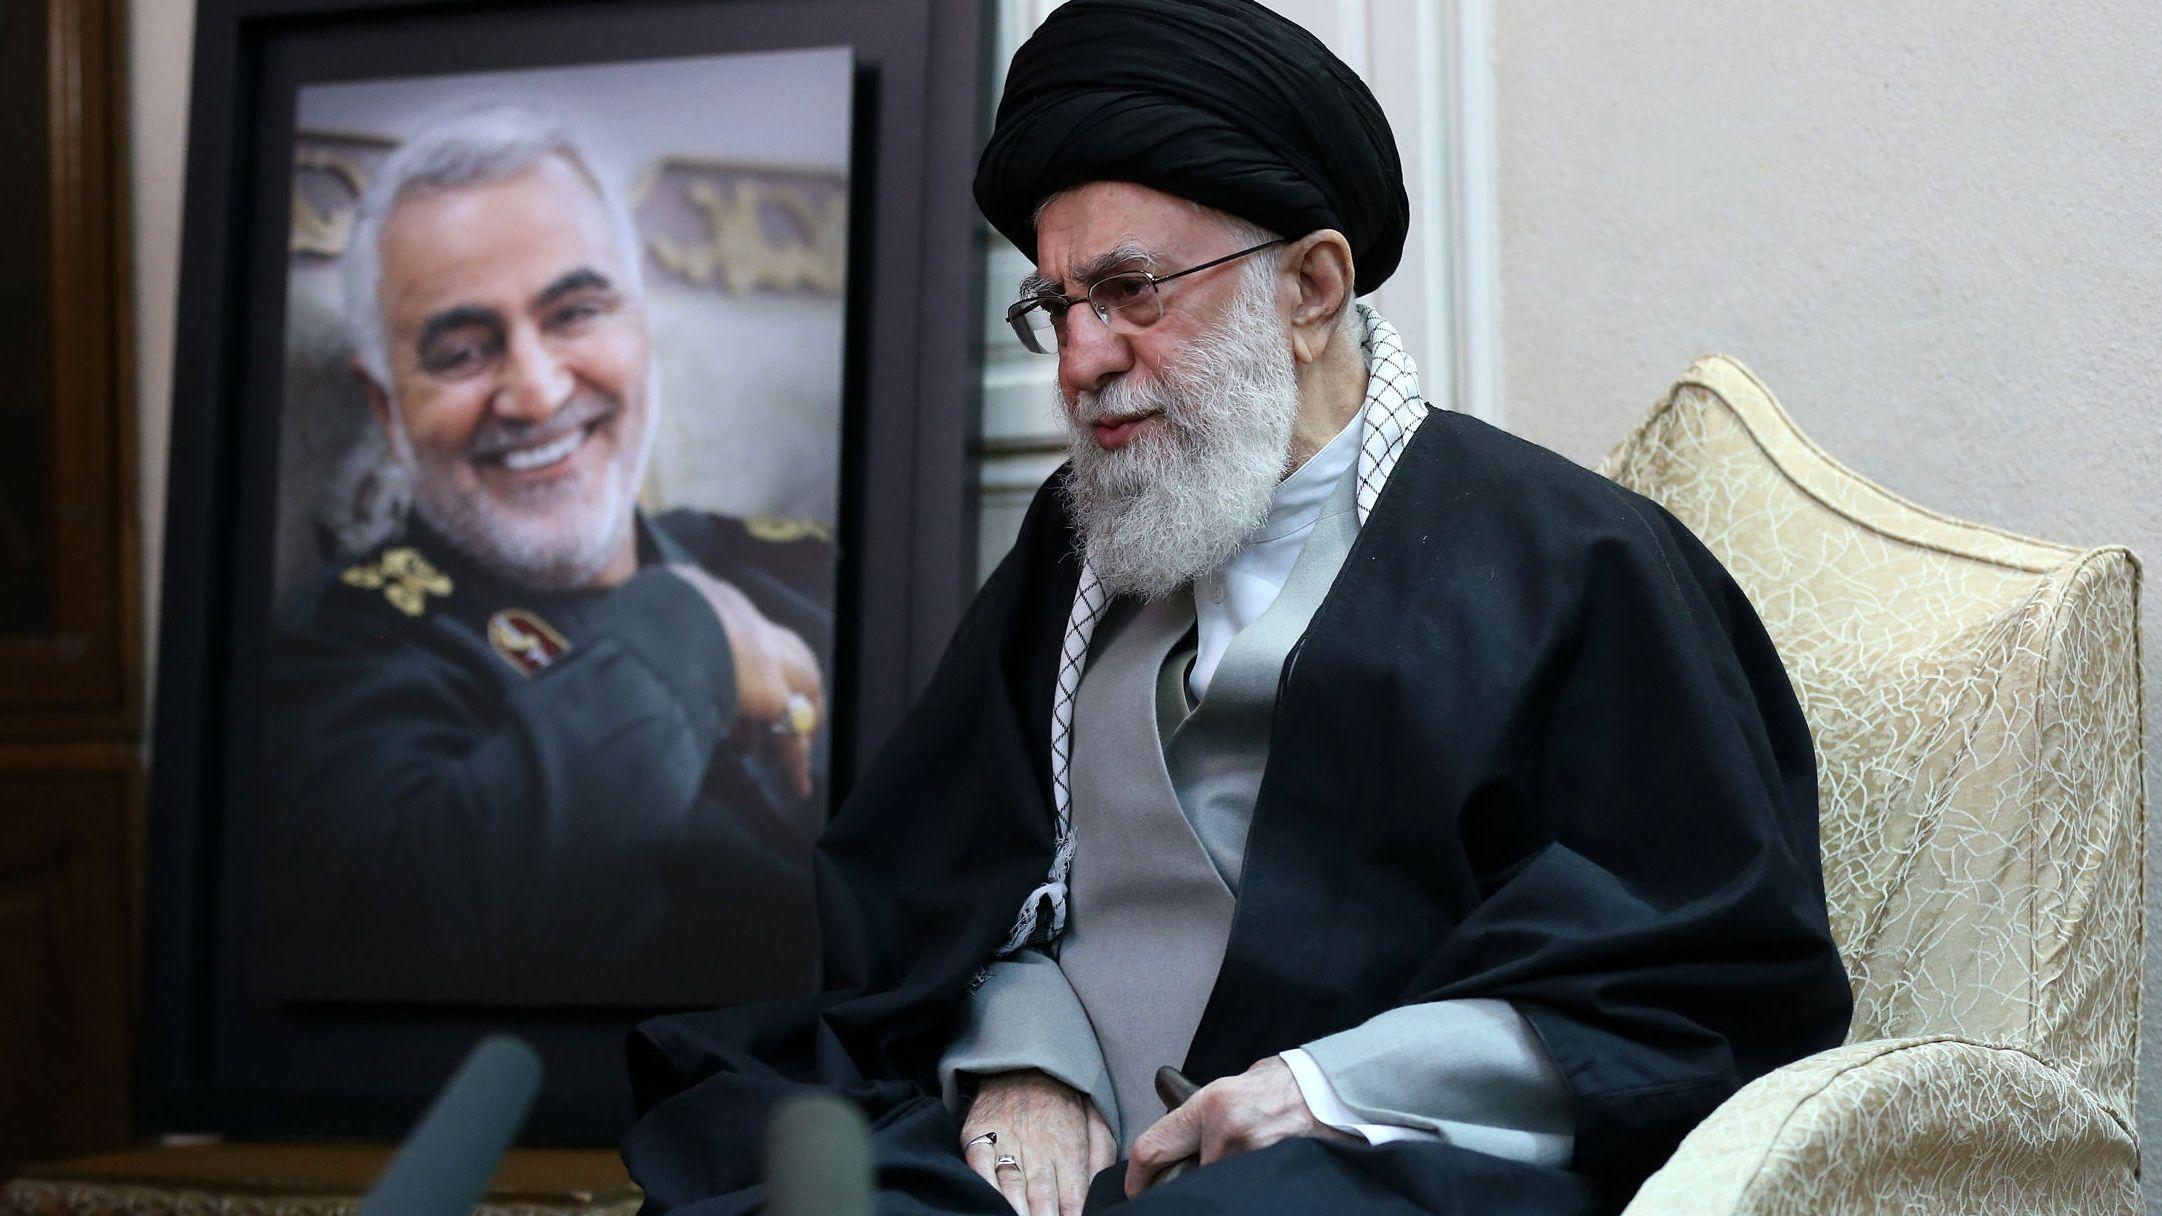 Ajatollah Ali Chamenei, Religionsführer des Iran, sitzt neben einem Bild des Generals der iranischen Al-Kuds-Brigaden Soleimani .